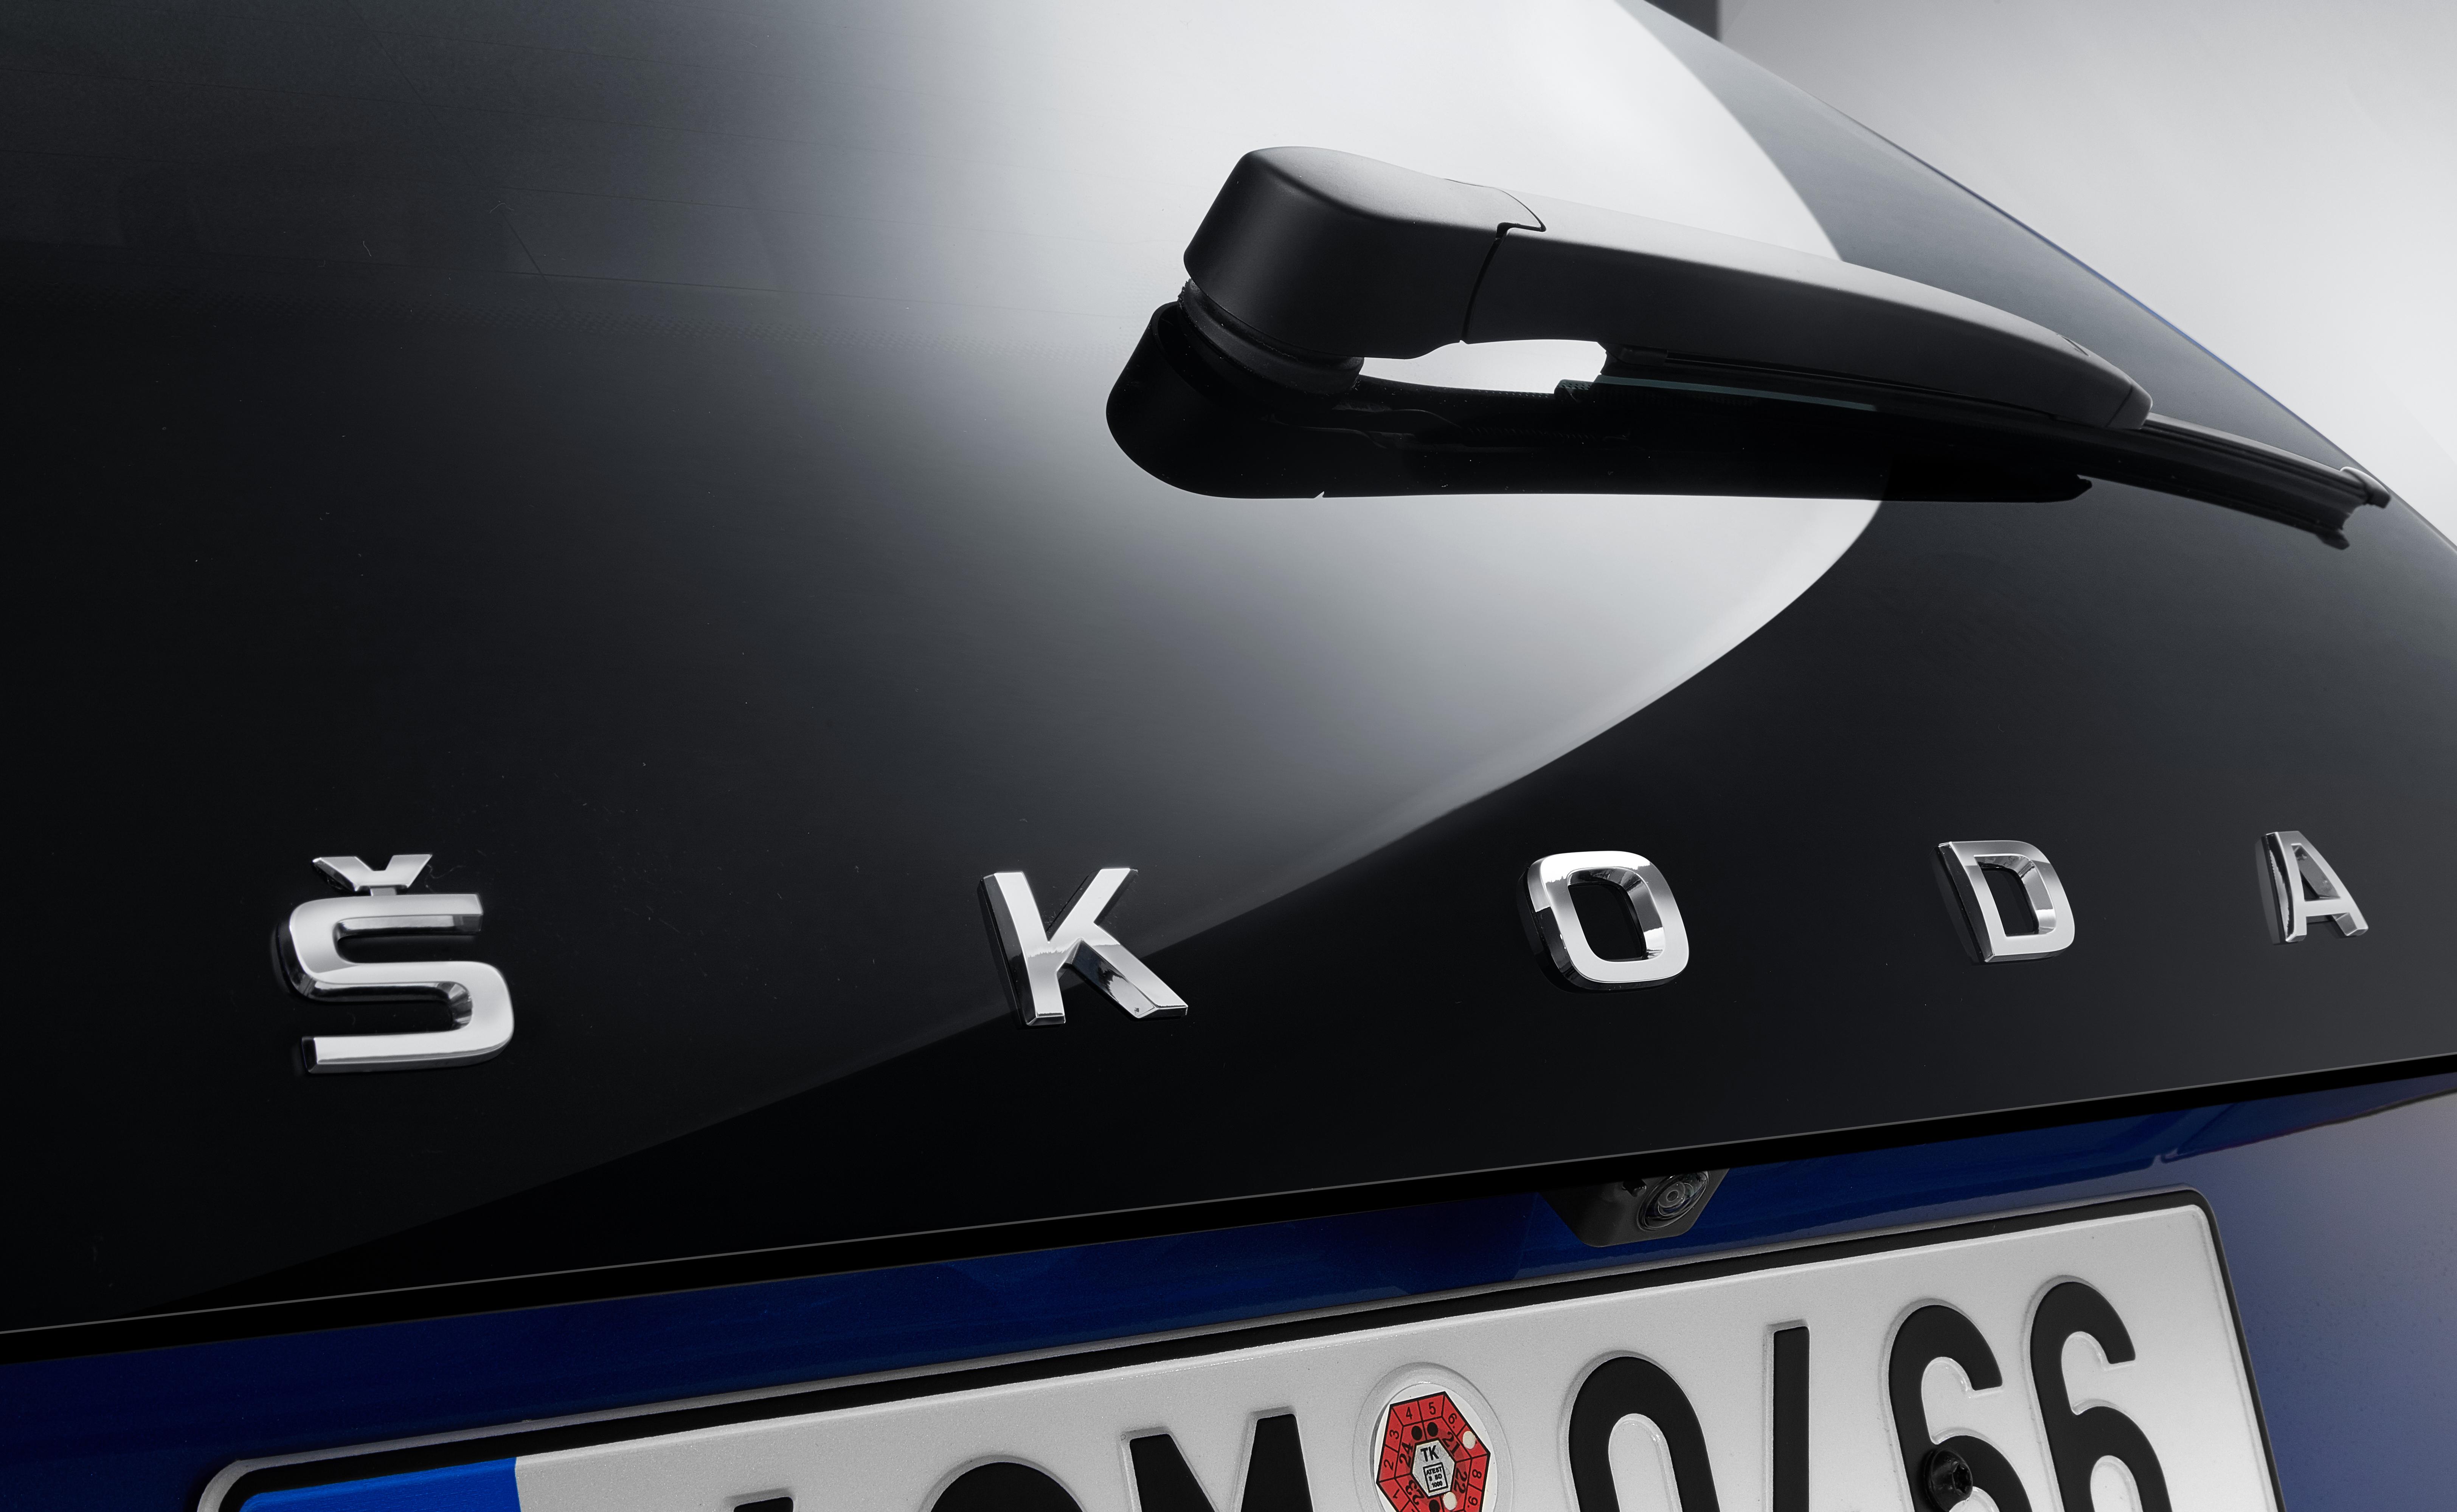 skoda-are-numele-noului-hatchback-pe-care-